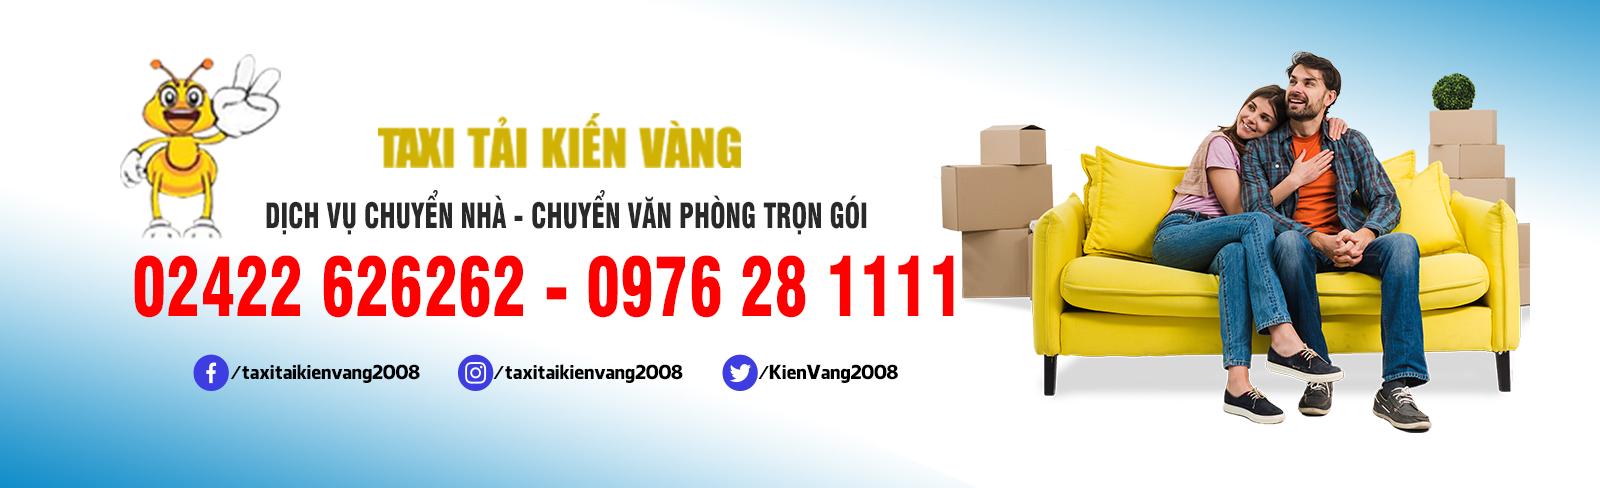 chuyen-nha-kien-vang-banner-2021-02